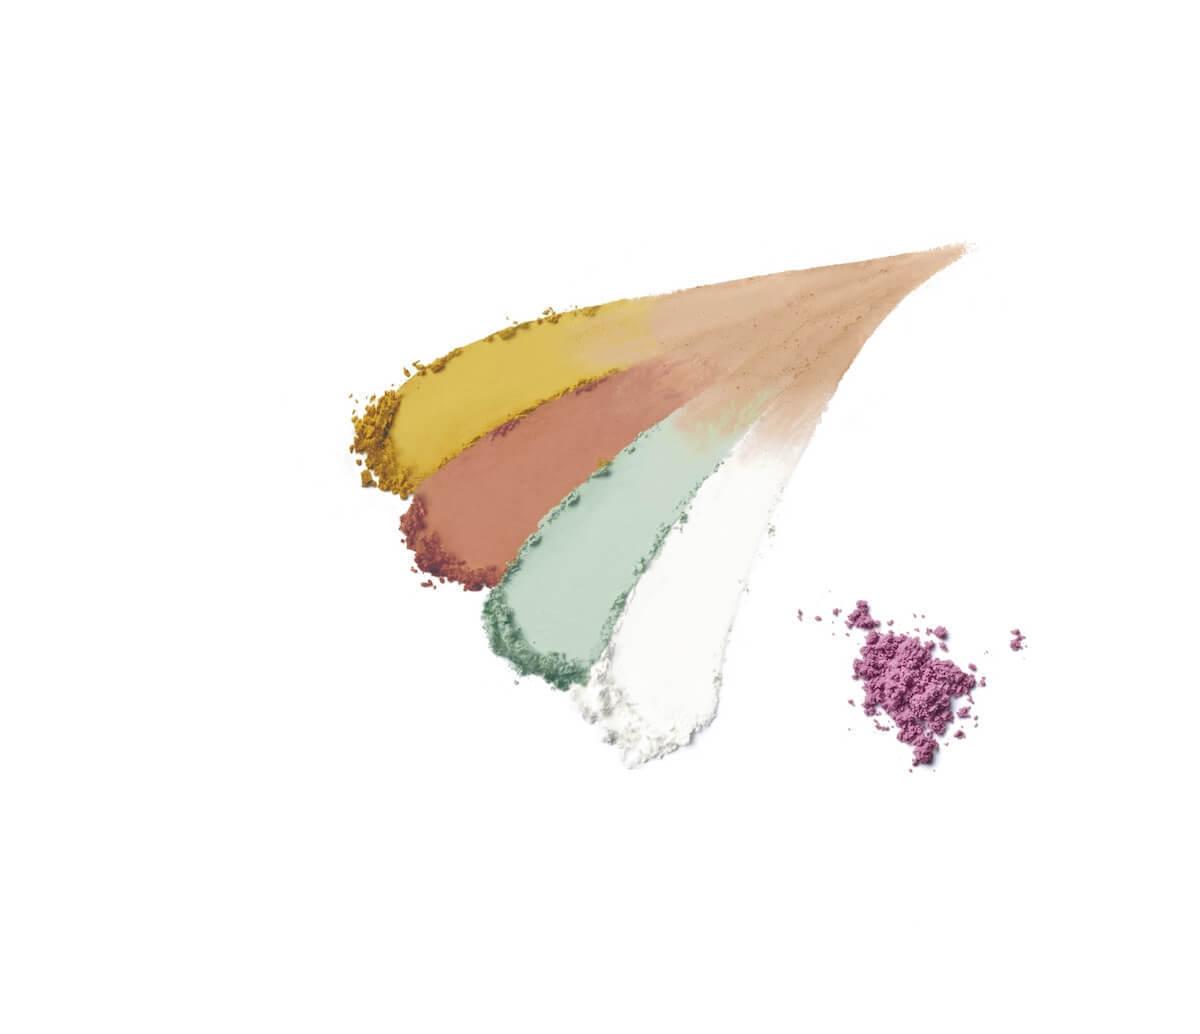 ディエム クルール カラーブレンドパウダーコンシーラーで素肌そのものがきれい